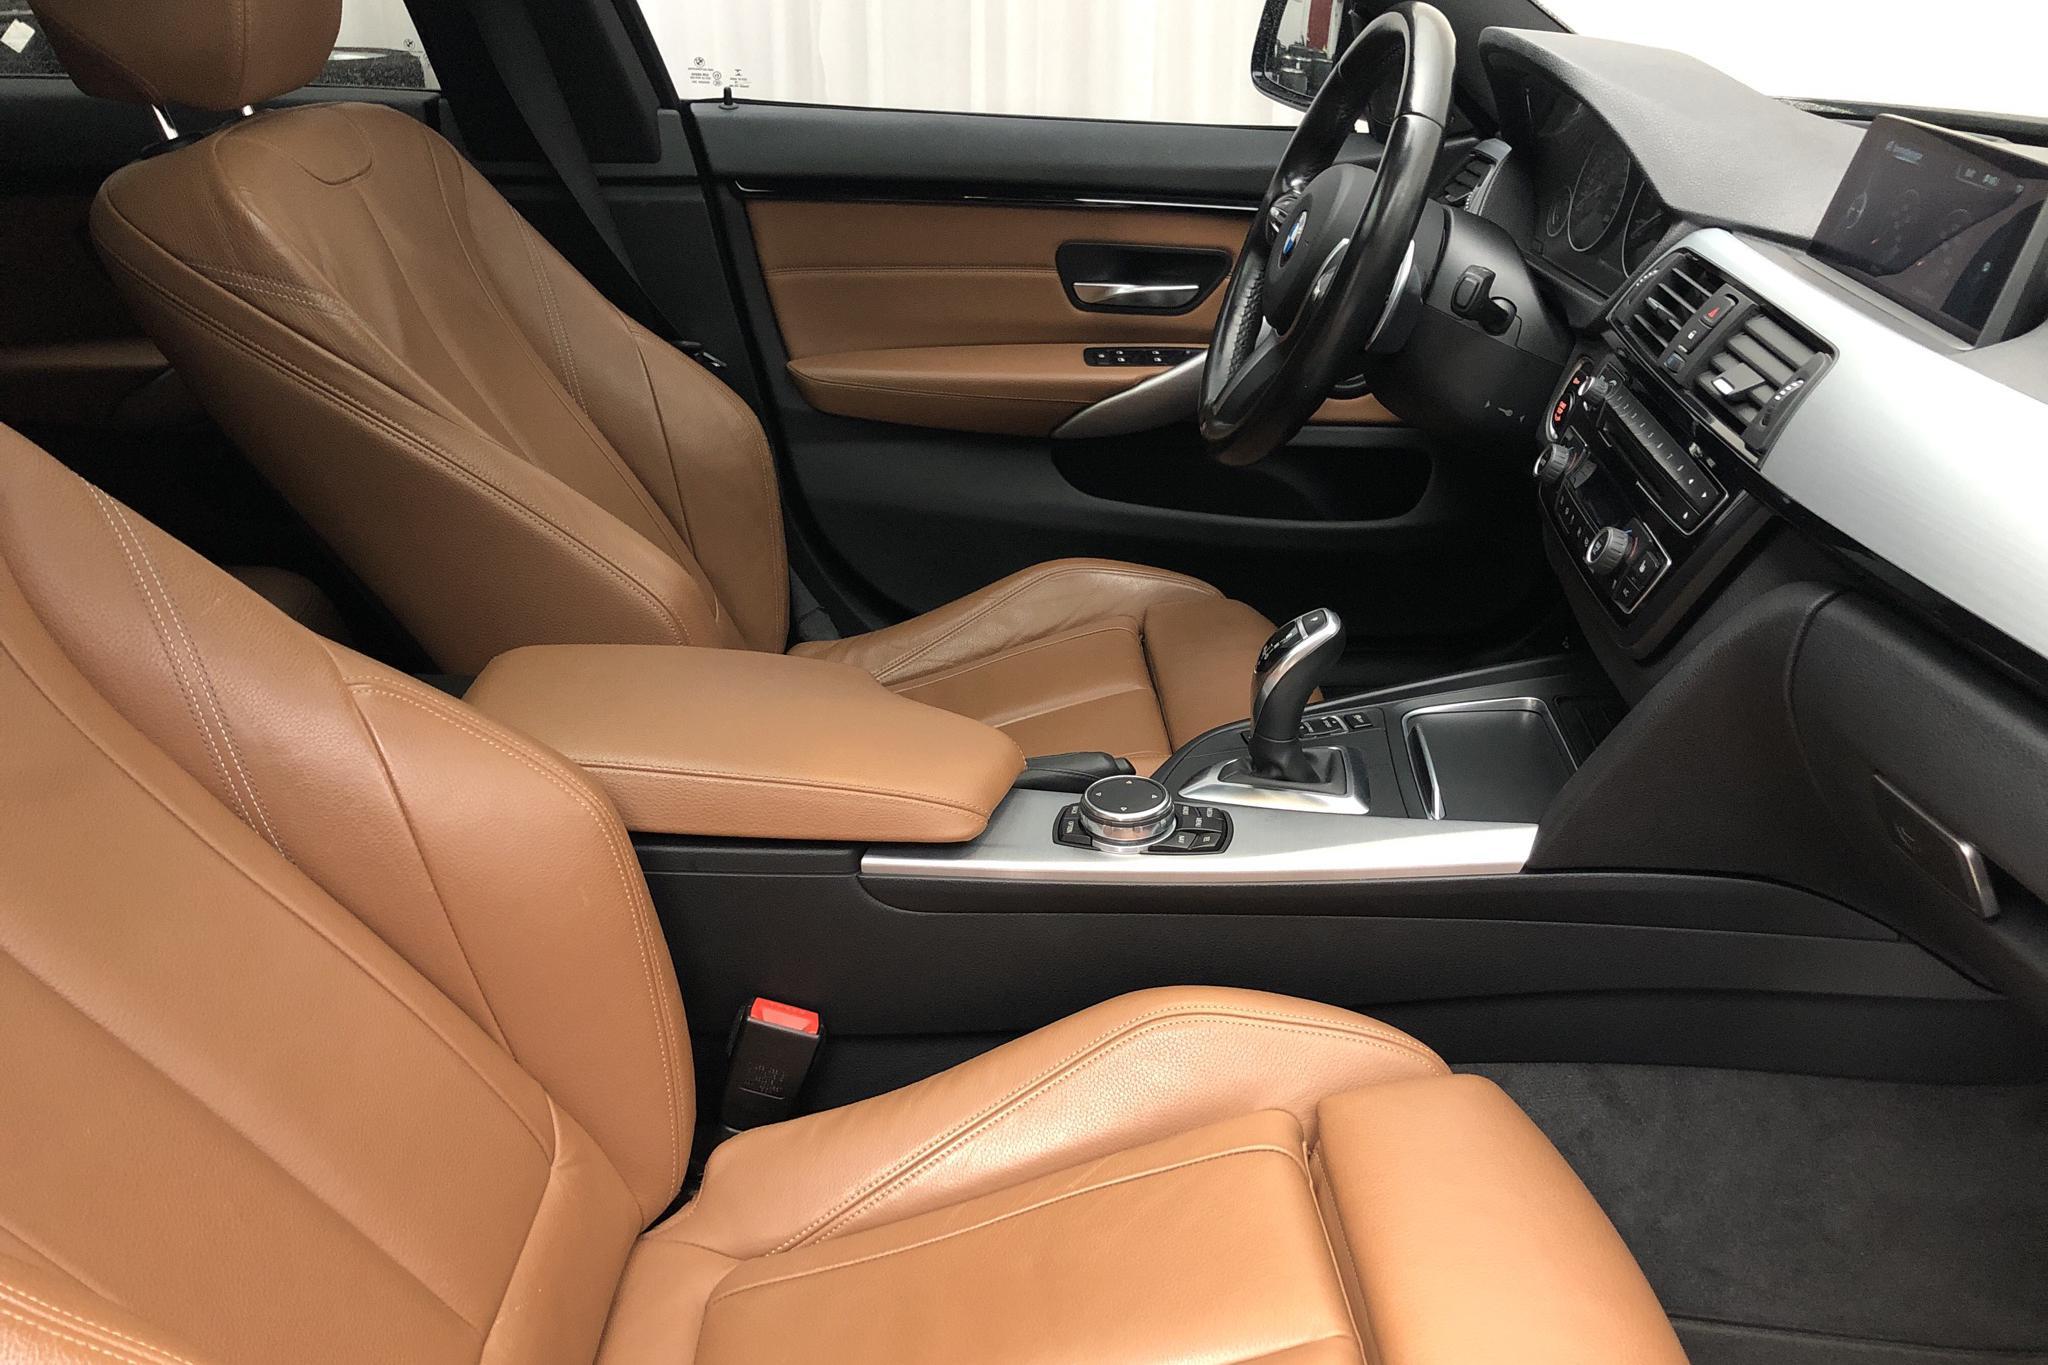 BMW 440i xDrive Gran Coupé, F36 (326hk) - 83 530 km - Automatic - black - 2016